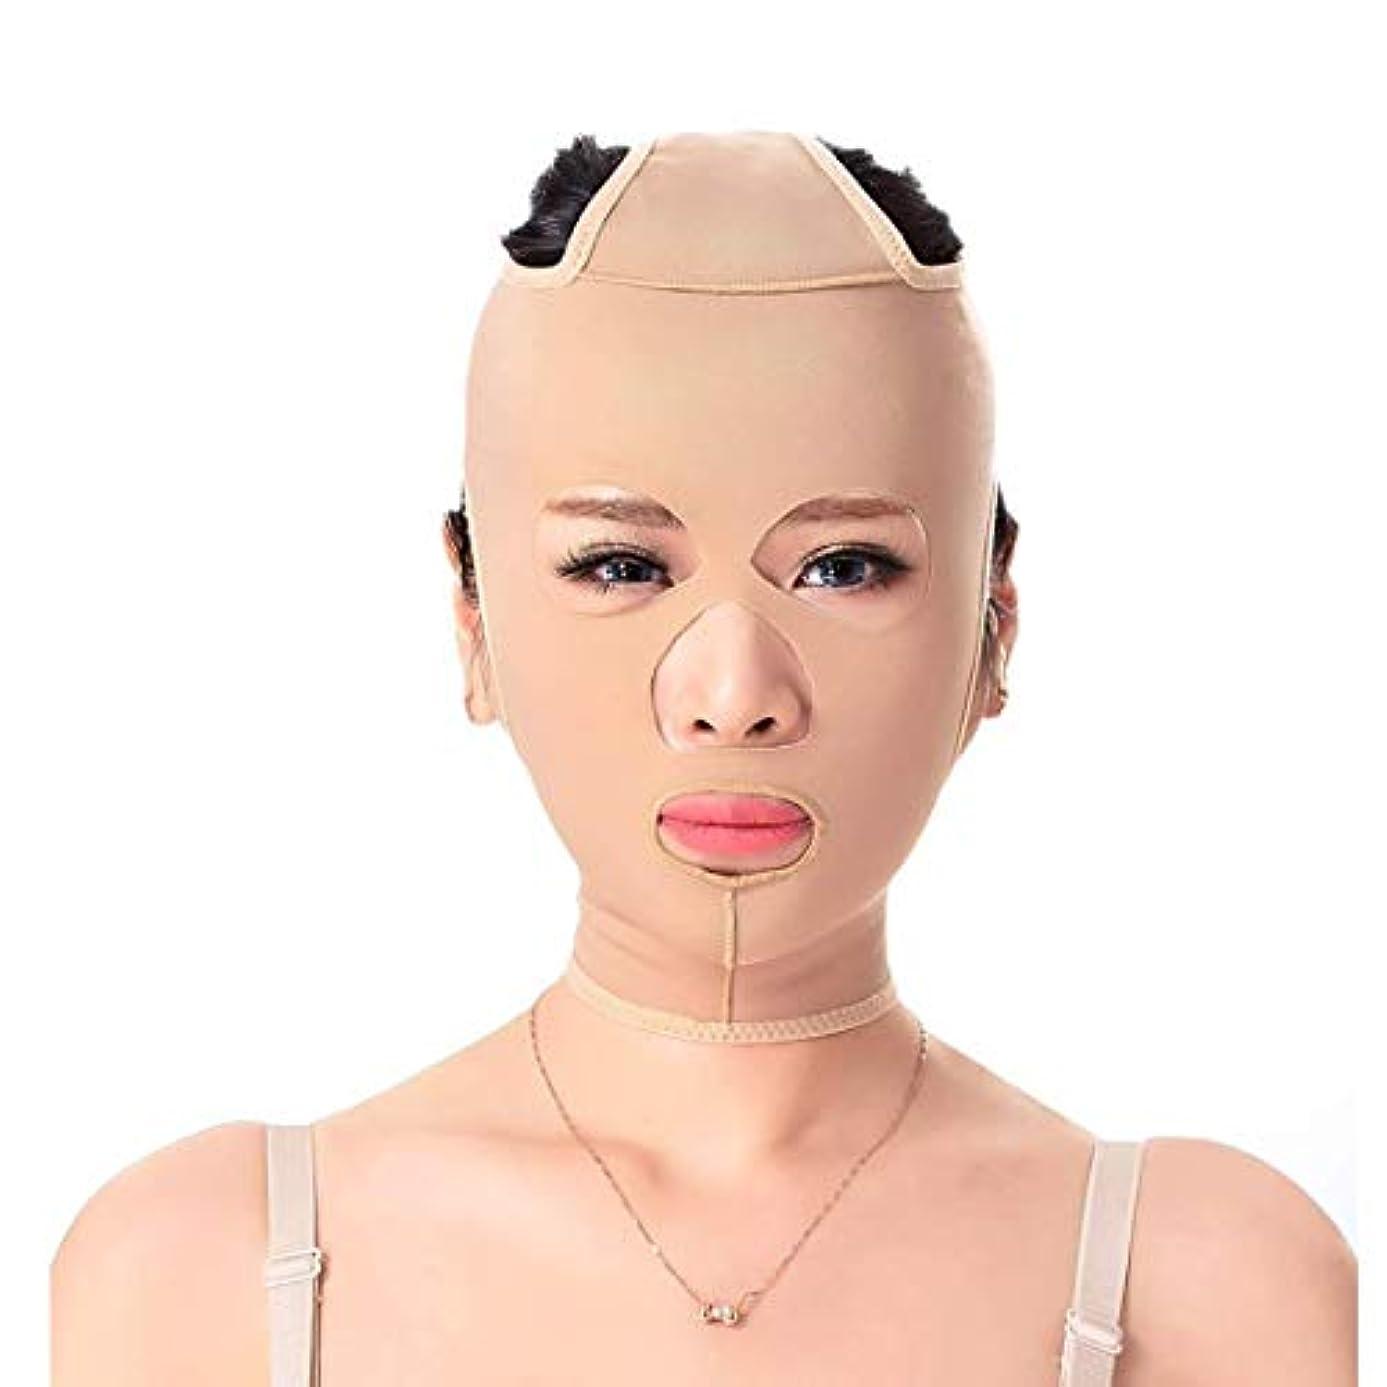 通貨コピー振るスリミングベルト、フェイシャルマスク薄いフェイスマスク布布パターンリフティングダブルあご引き締めフェイシャルプラスチック顔アーティファクト強力な顔包帯(サイズ:S)